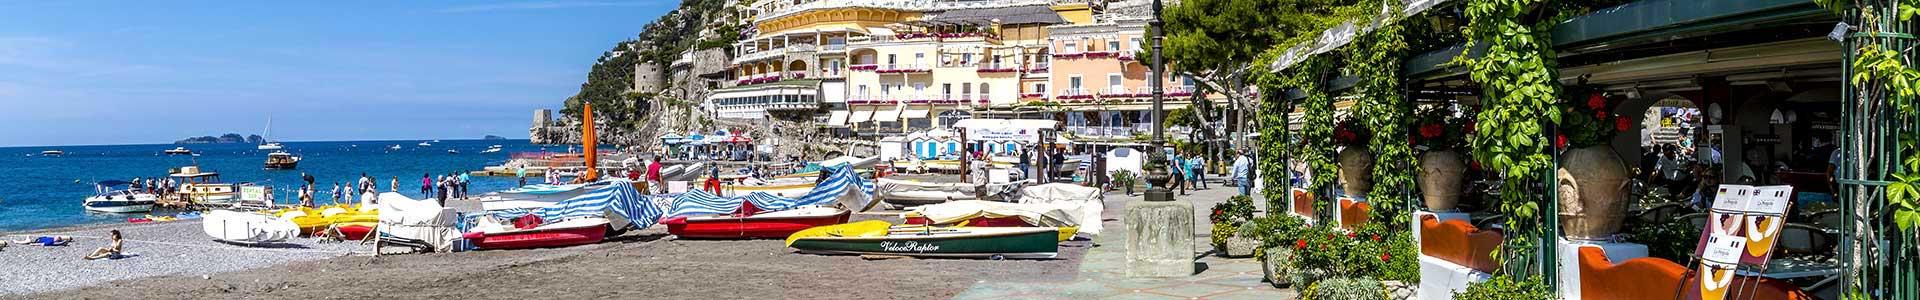 Voyage en Italie - TUI